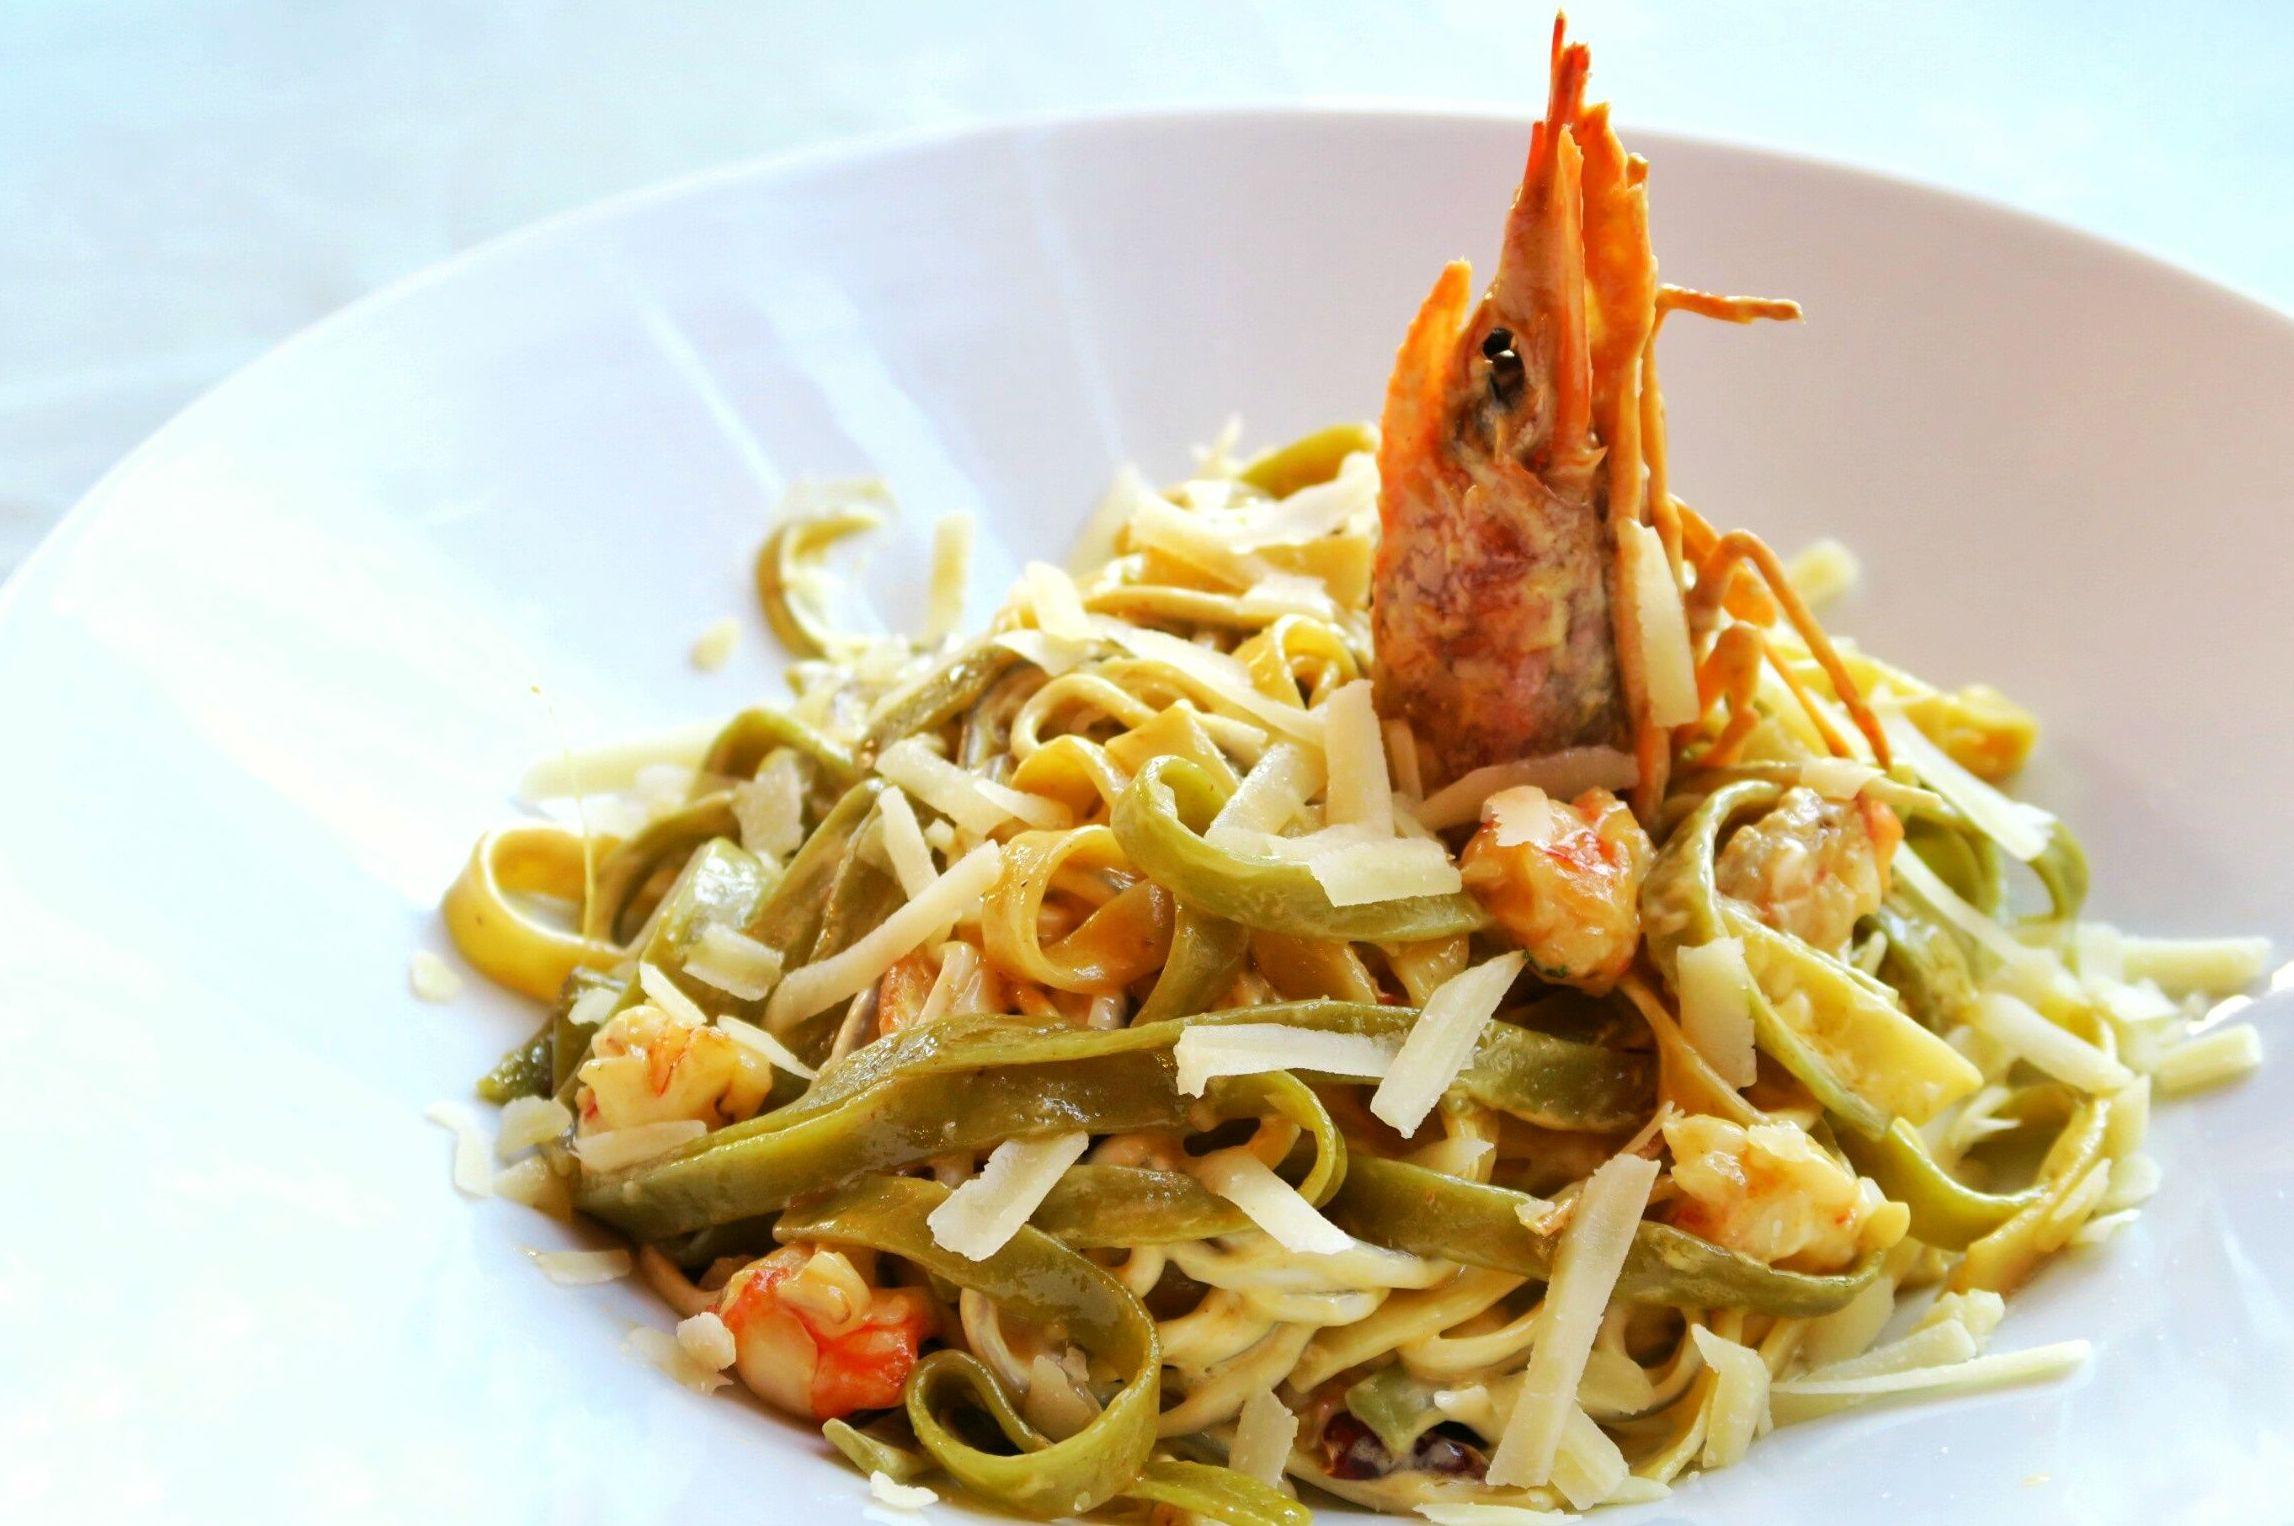 Ristorante L' Incontro, auténtica cocina italiana con productos de primera calidad